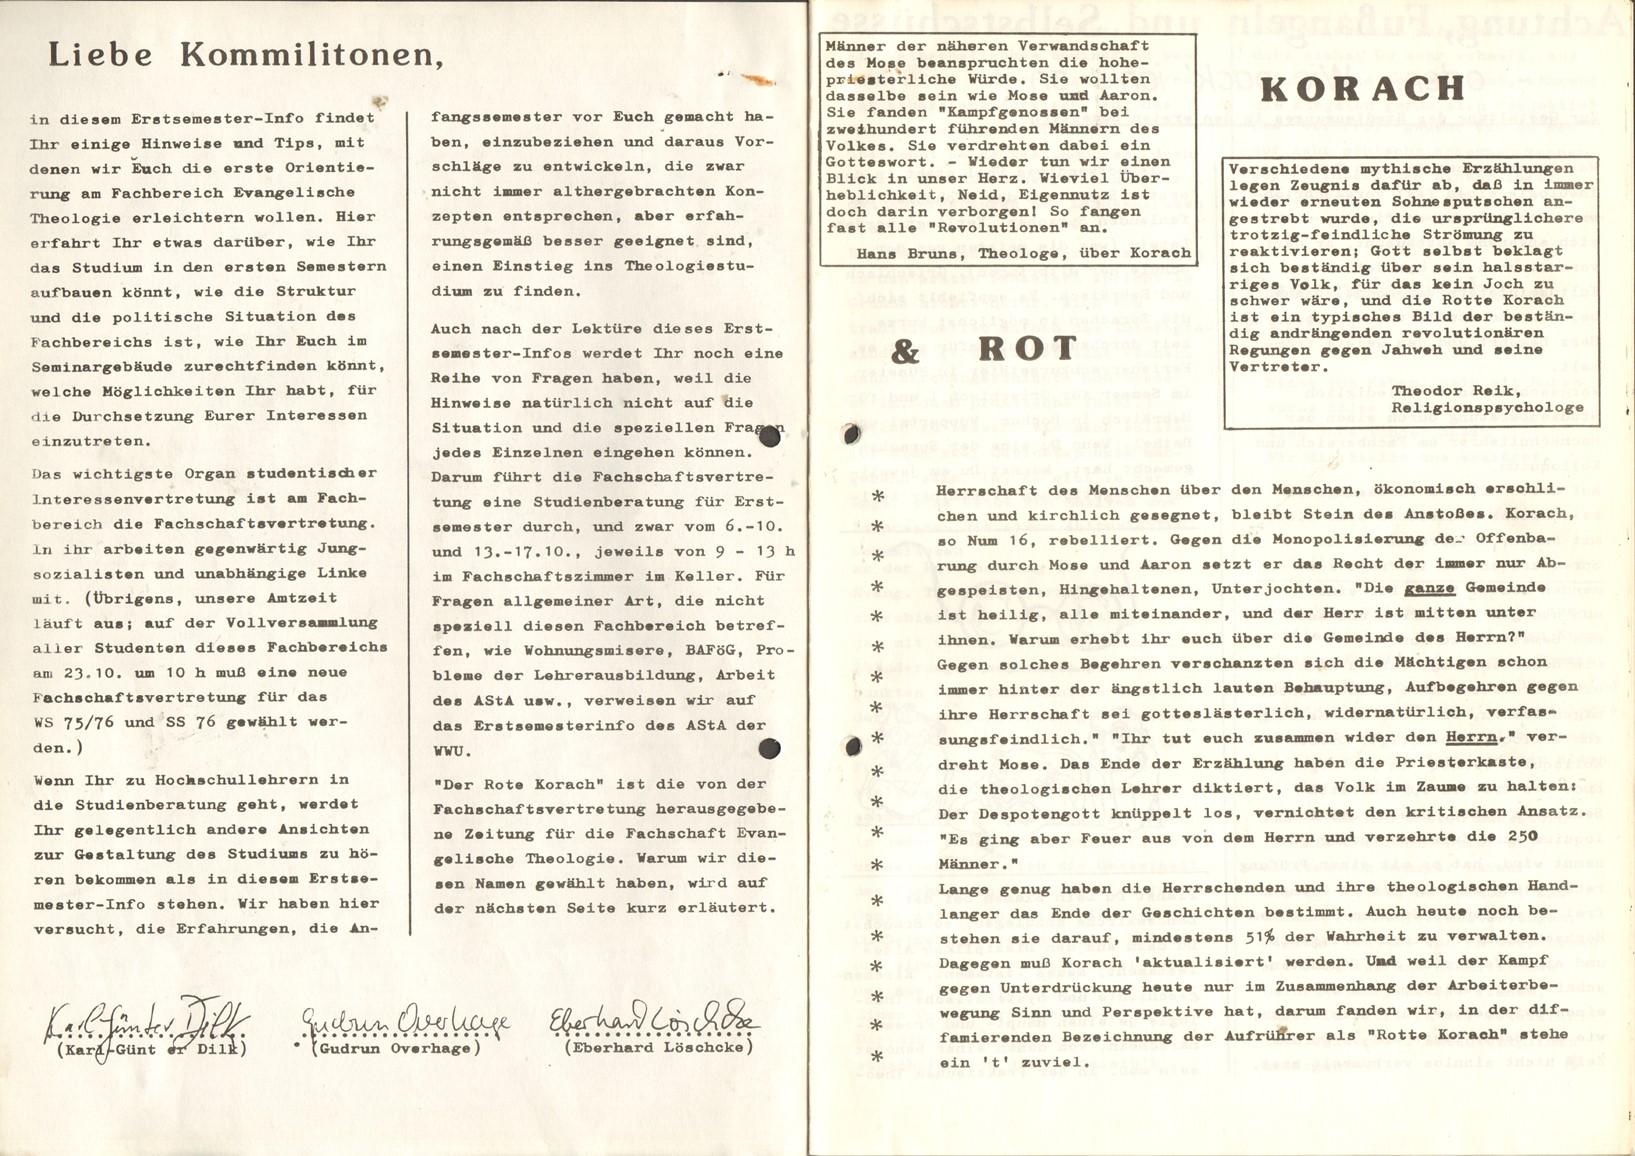 Muenster_Roter_Korach_19751001_02